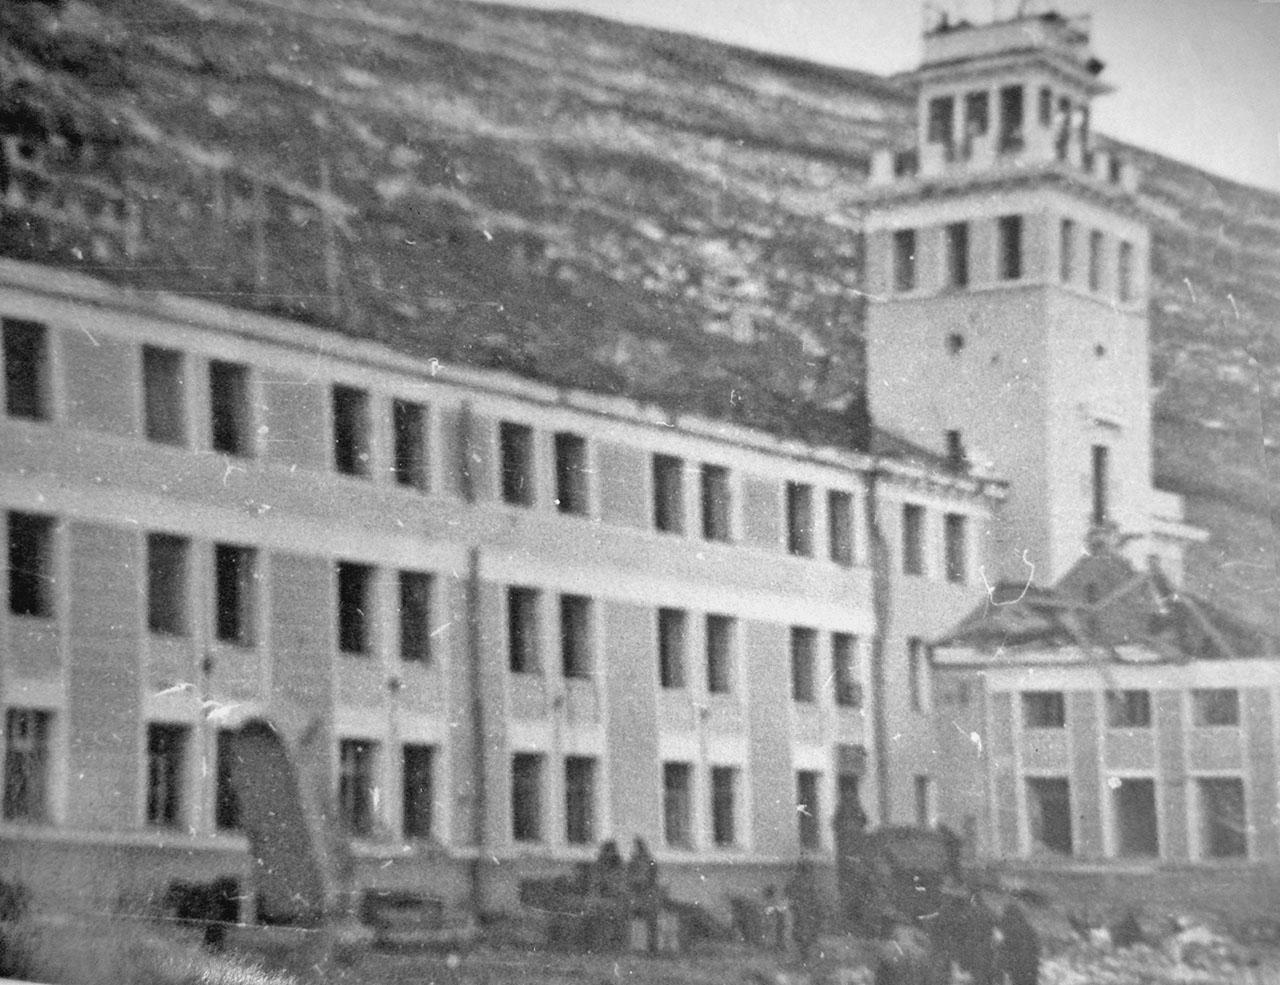 Состояние здания Управления пароходства после взрывов пароходов «Генерал Ватутин» и «Выборг».